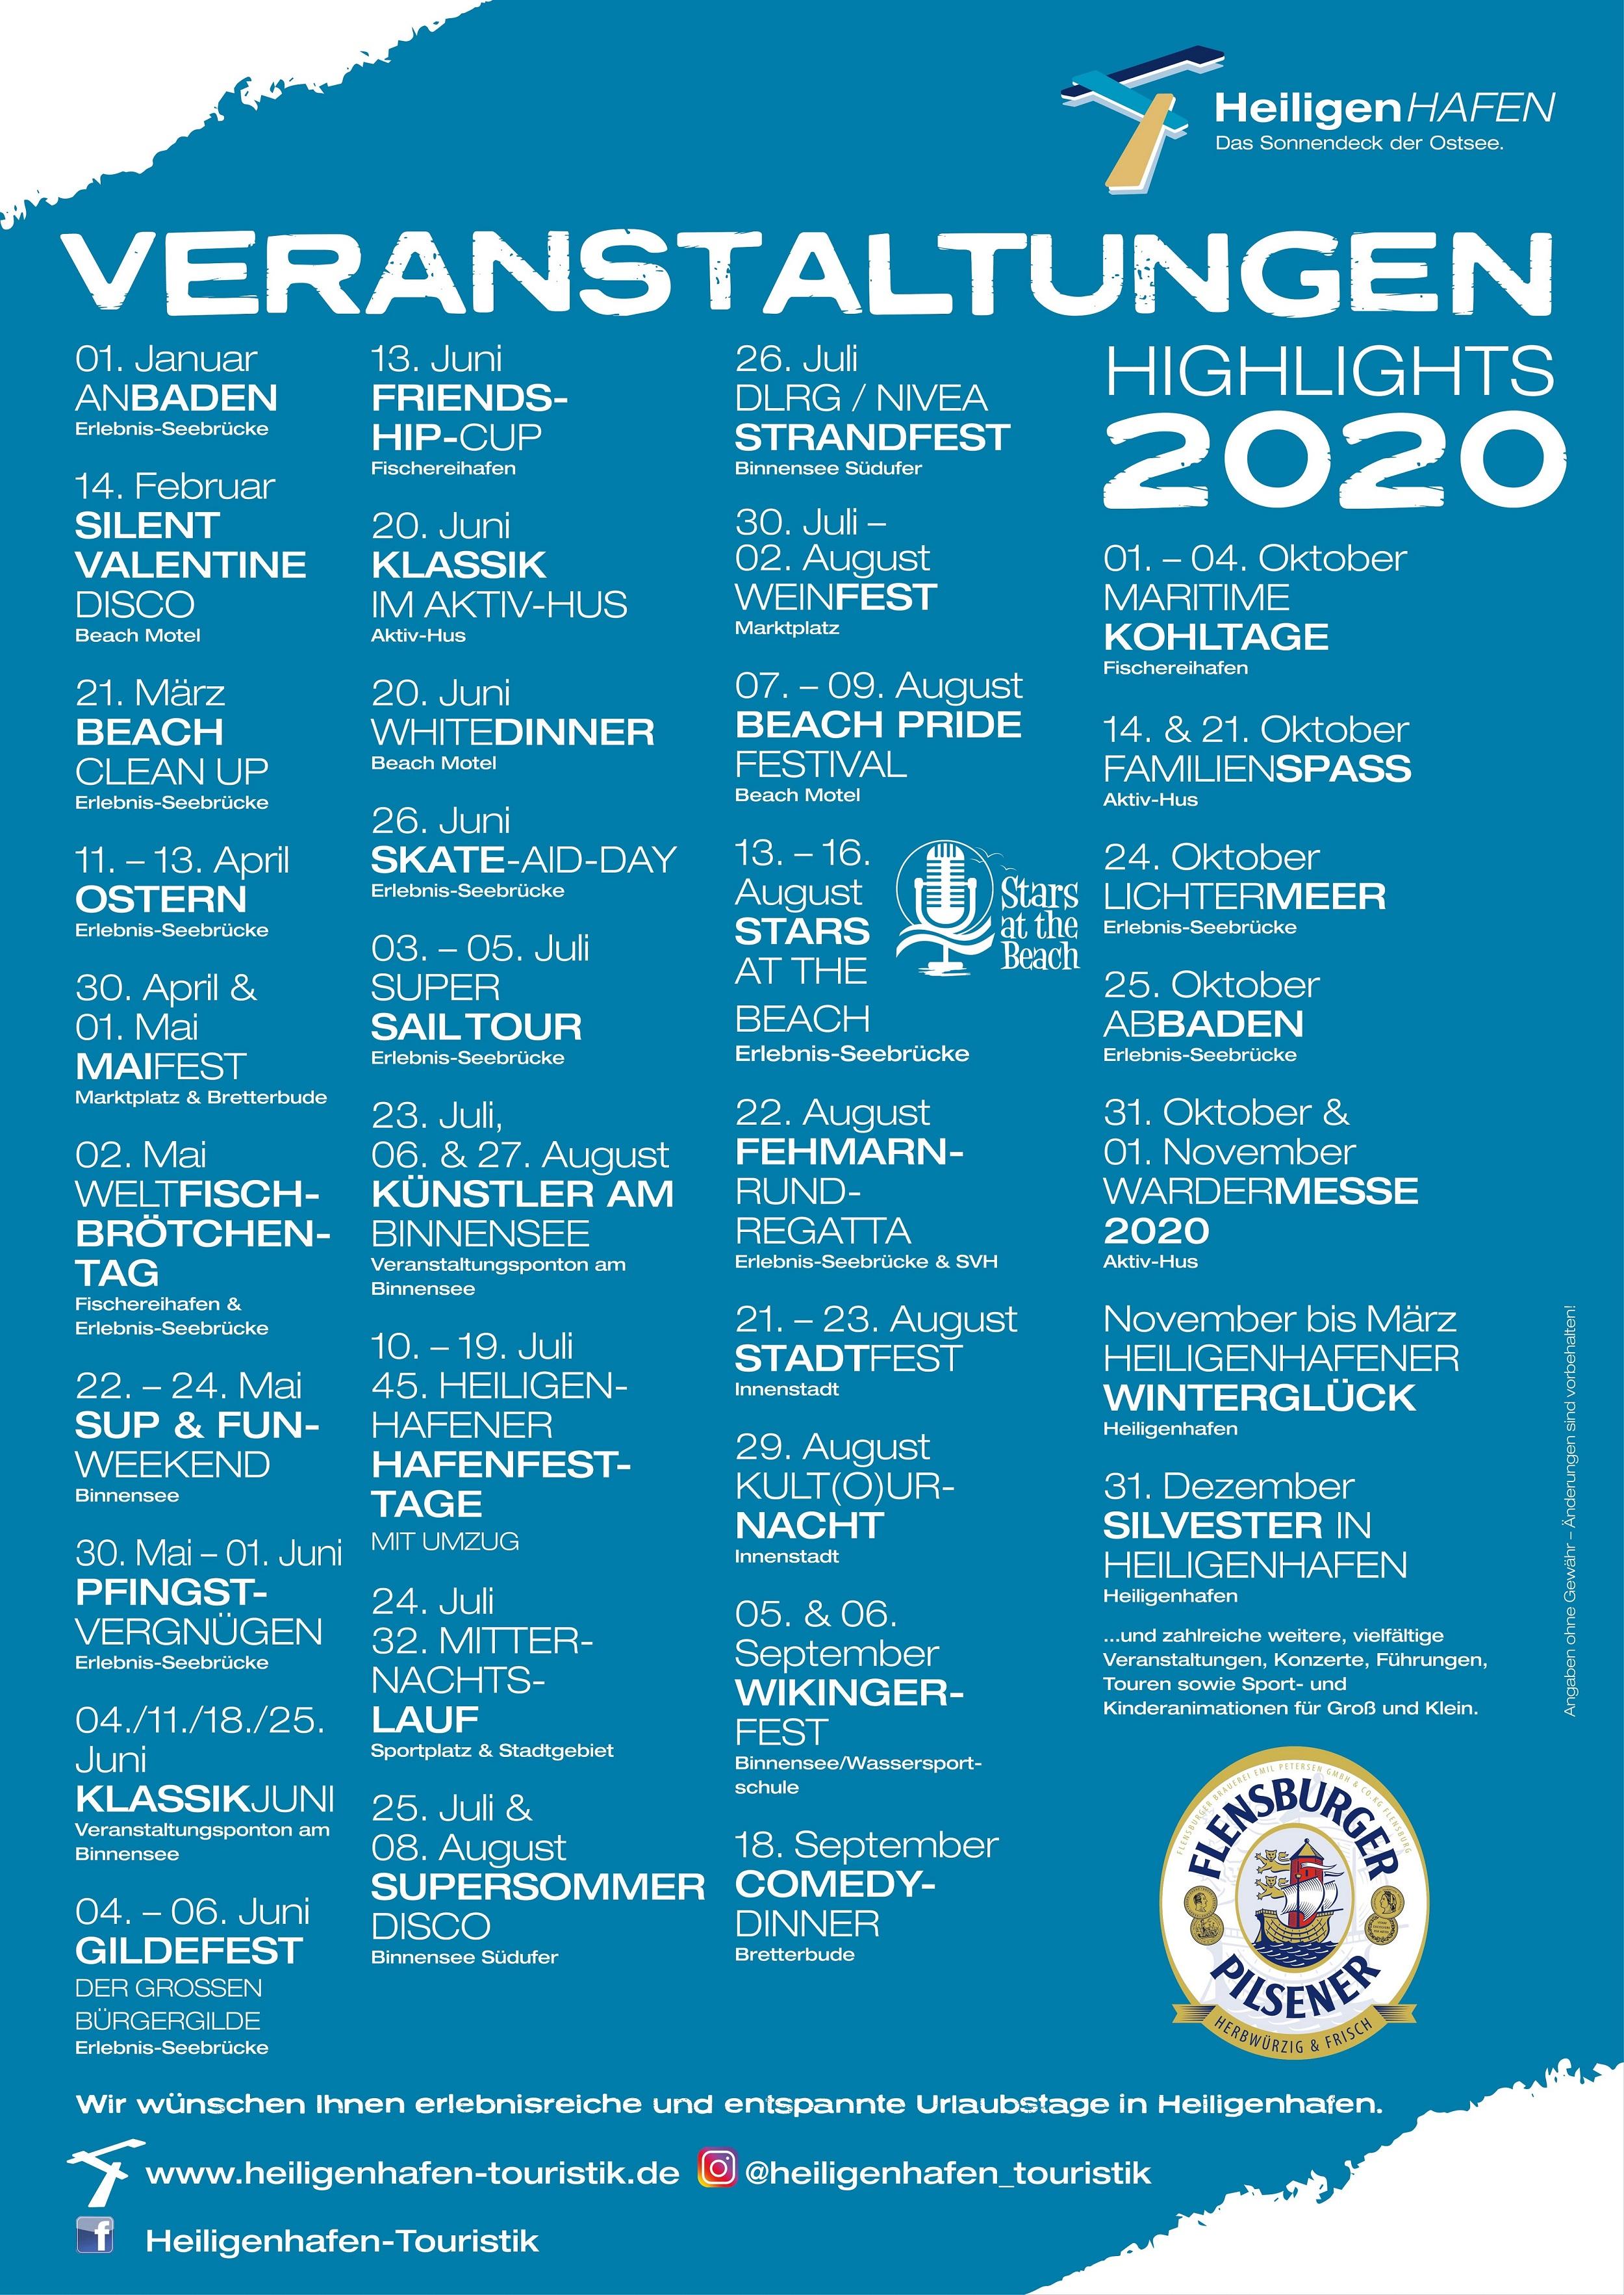 Veranstaltungen Heiligenhafen 2020